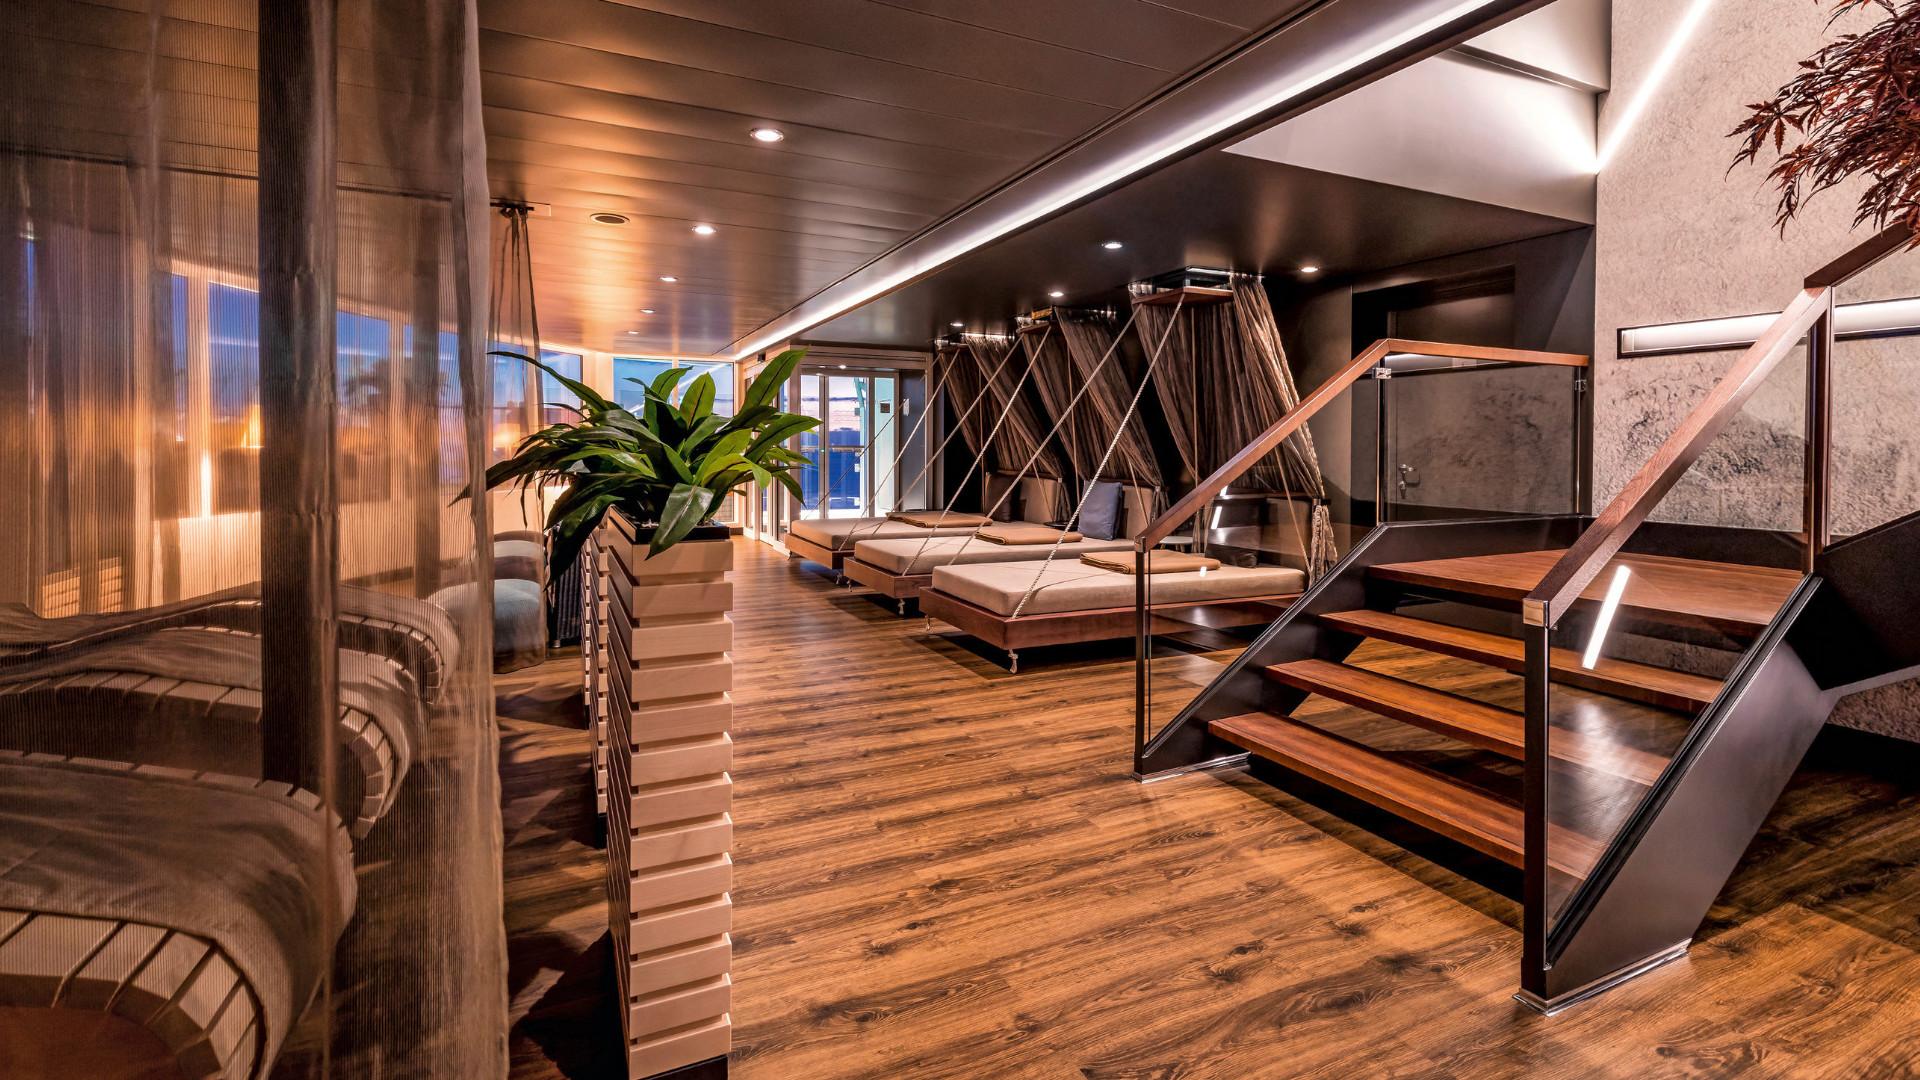 Bereits zum dritten Mal in Folge ist TUI Cruises der Preis World's Best Cruise Spa für ausgezeichneten Bordangebote verliehen worden.